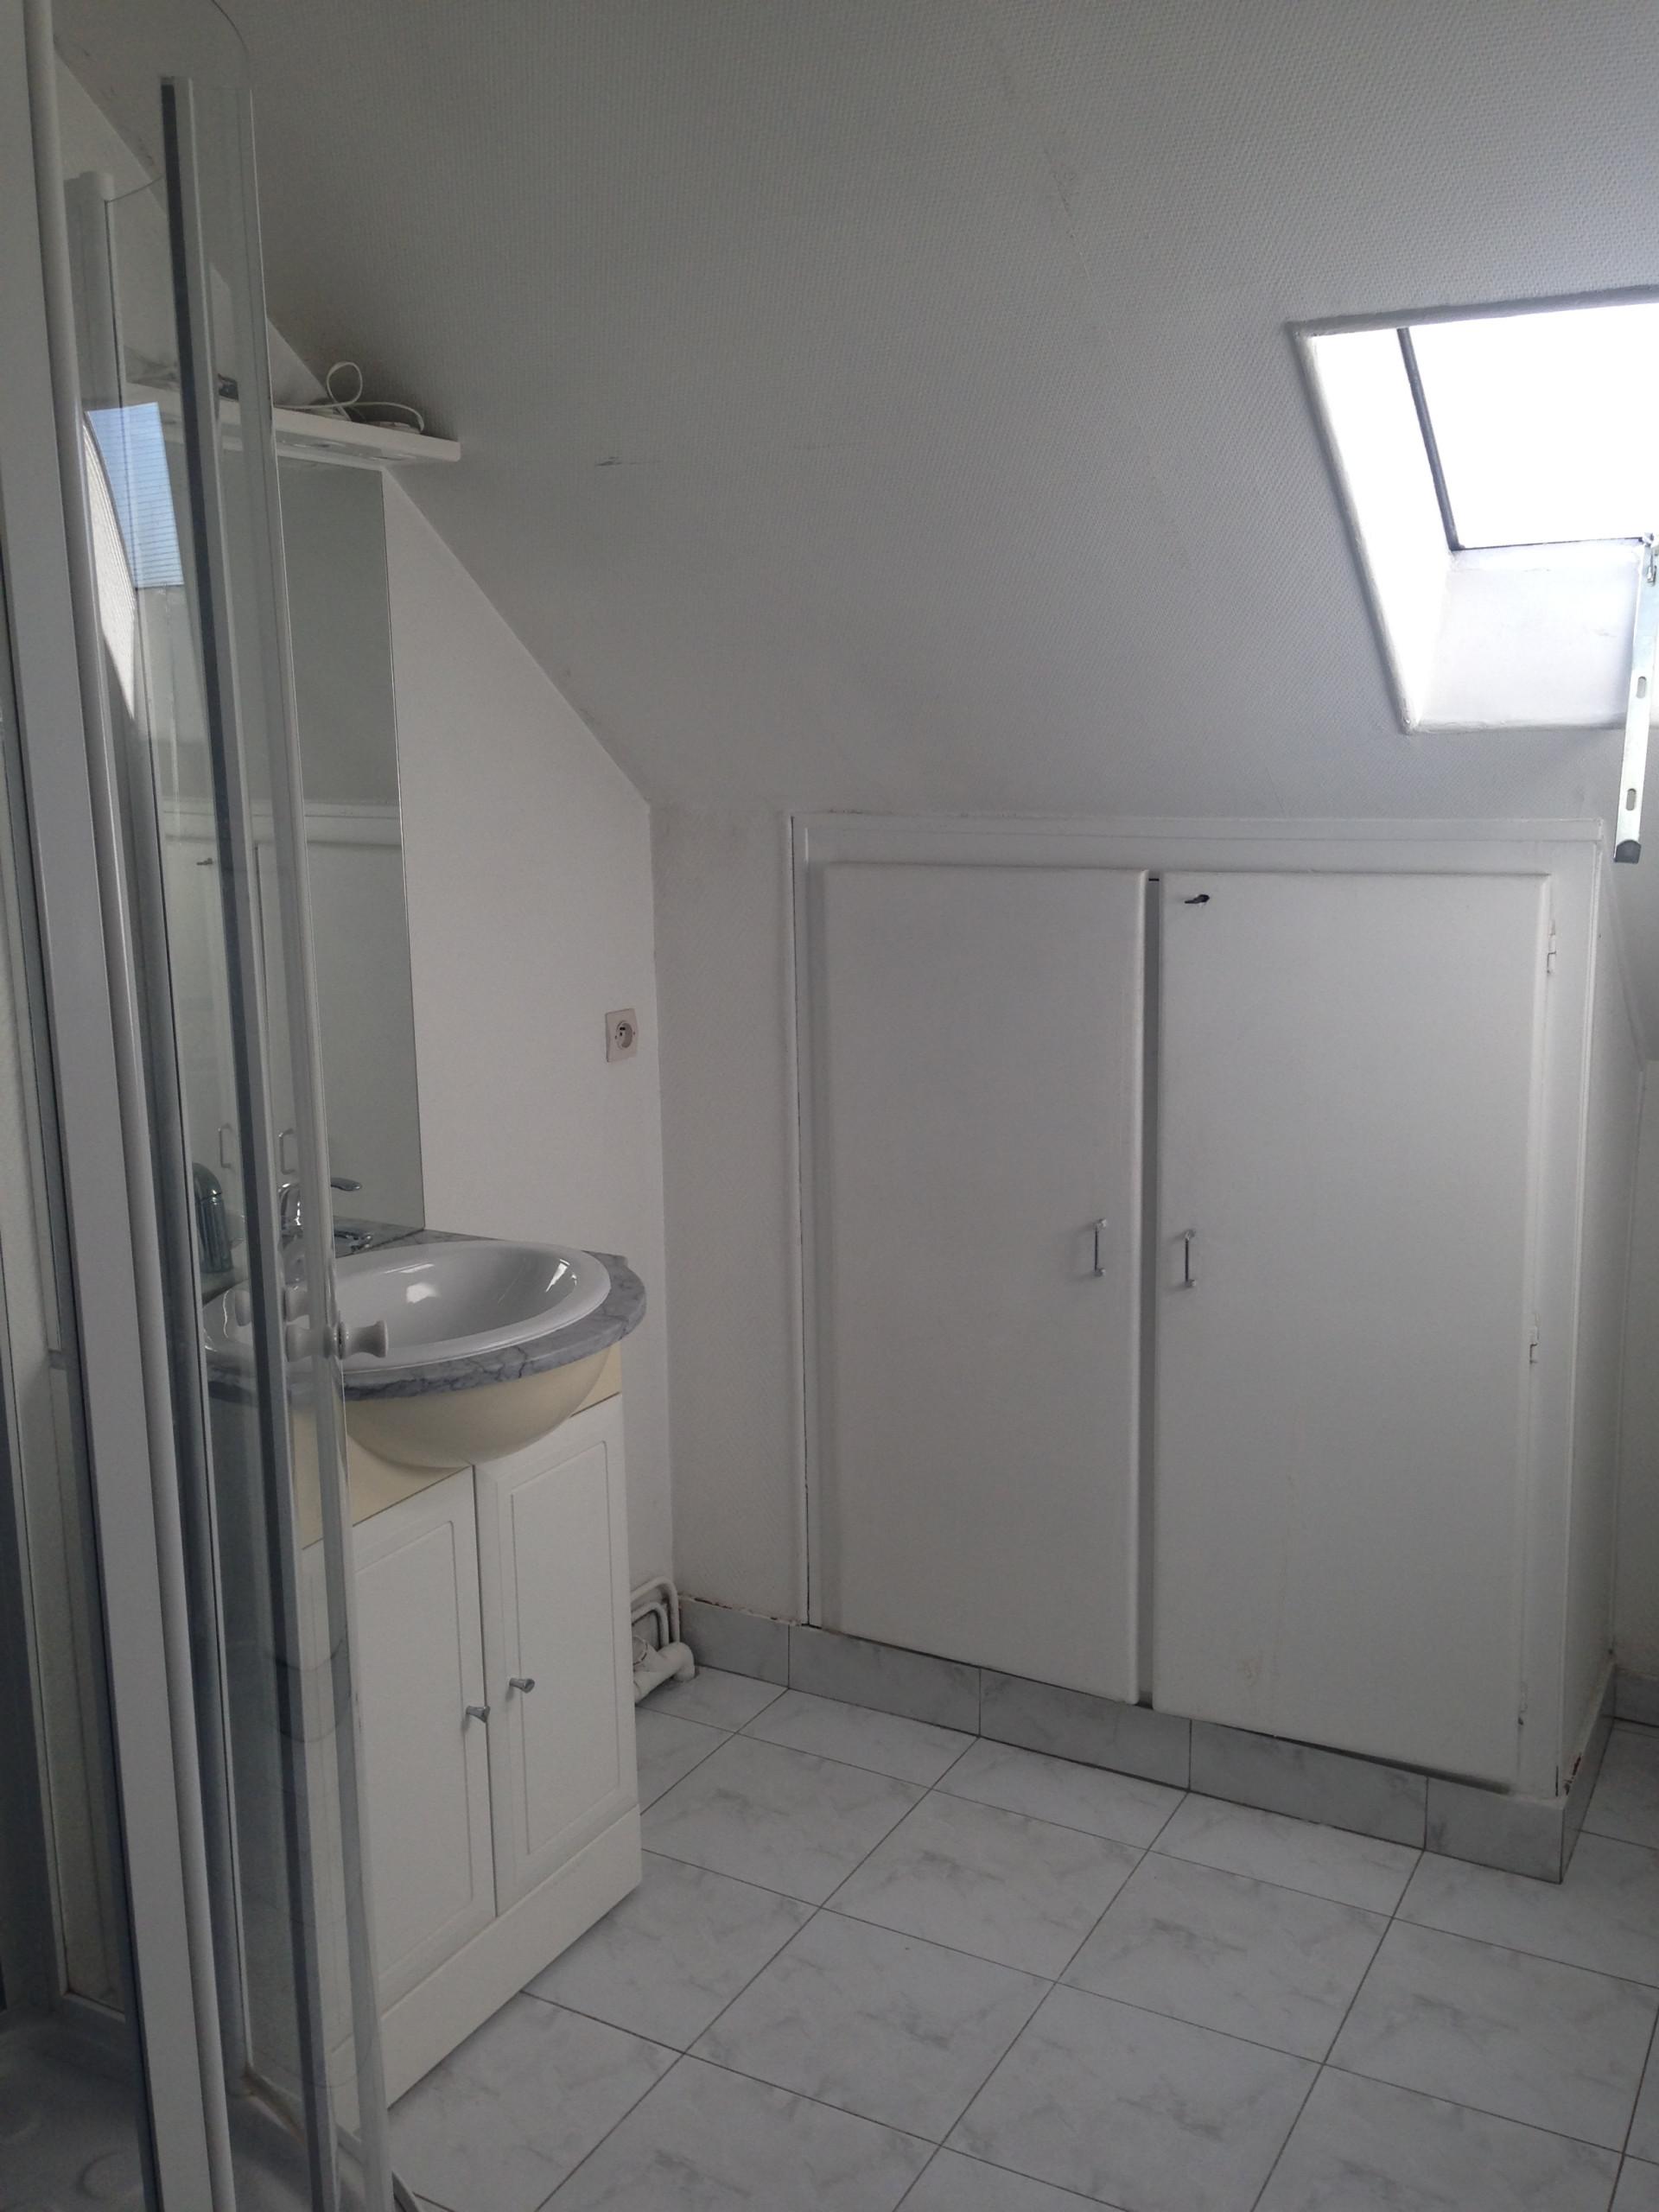 Transformation d'une salle de douche